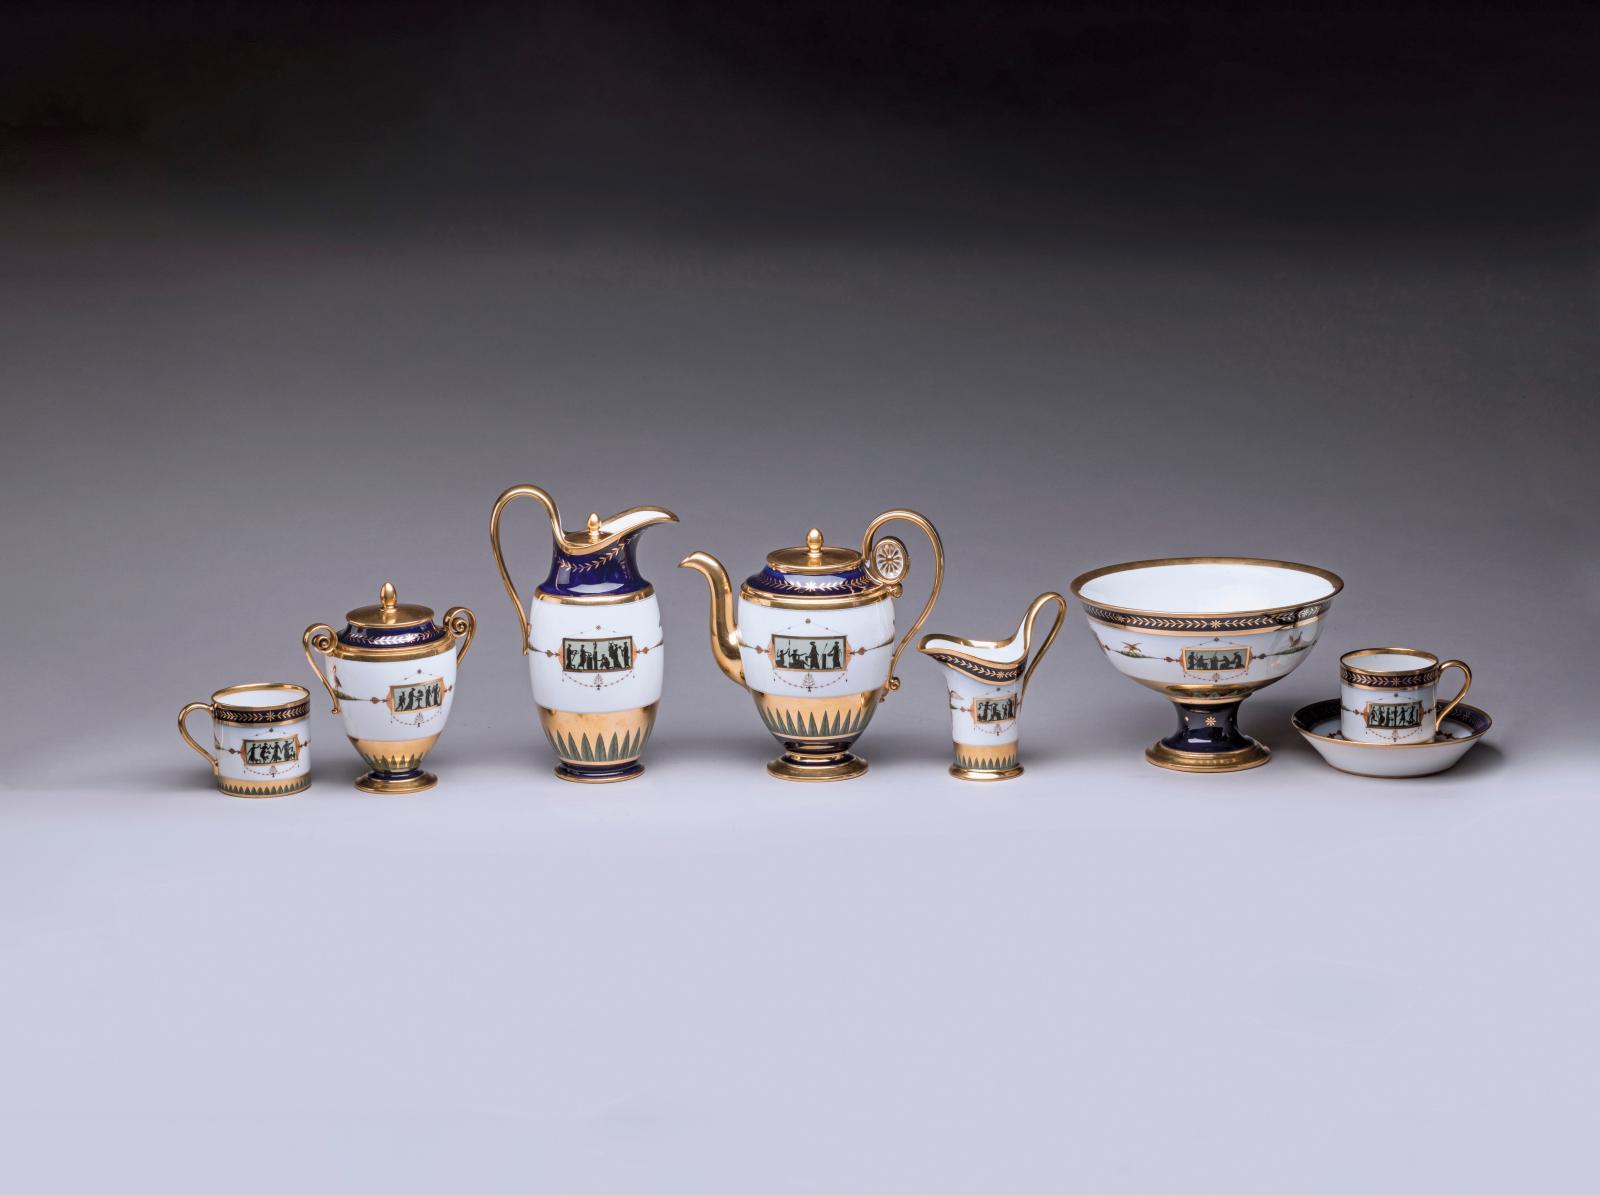 Sèvres, 1803-1804, cabaret pour le service de bouche de l'Empereuren porcelaine dure, composé de dix-sept pièces, décor peint par Christo